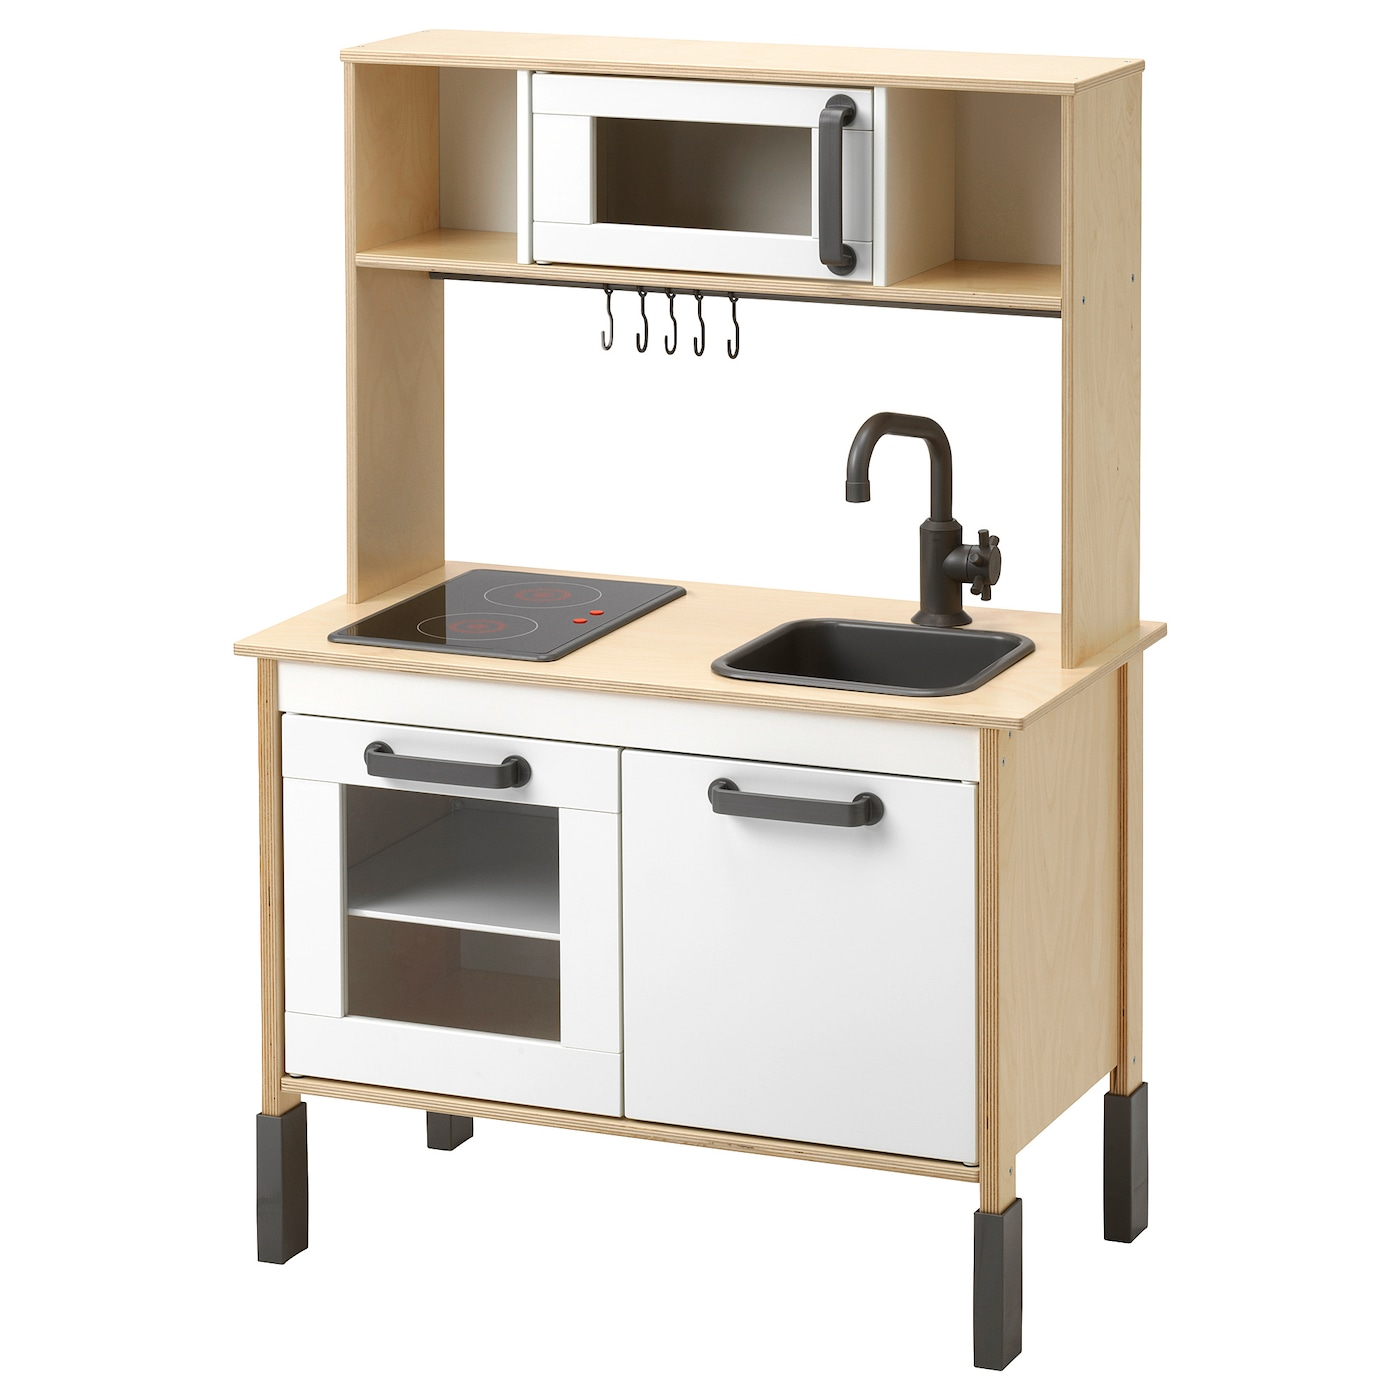 DUKTIG Play kitchen birch 72x40x109 cm